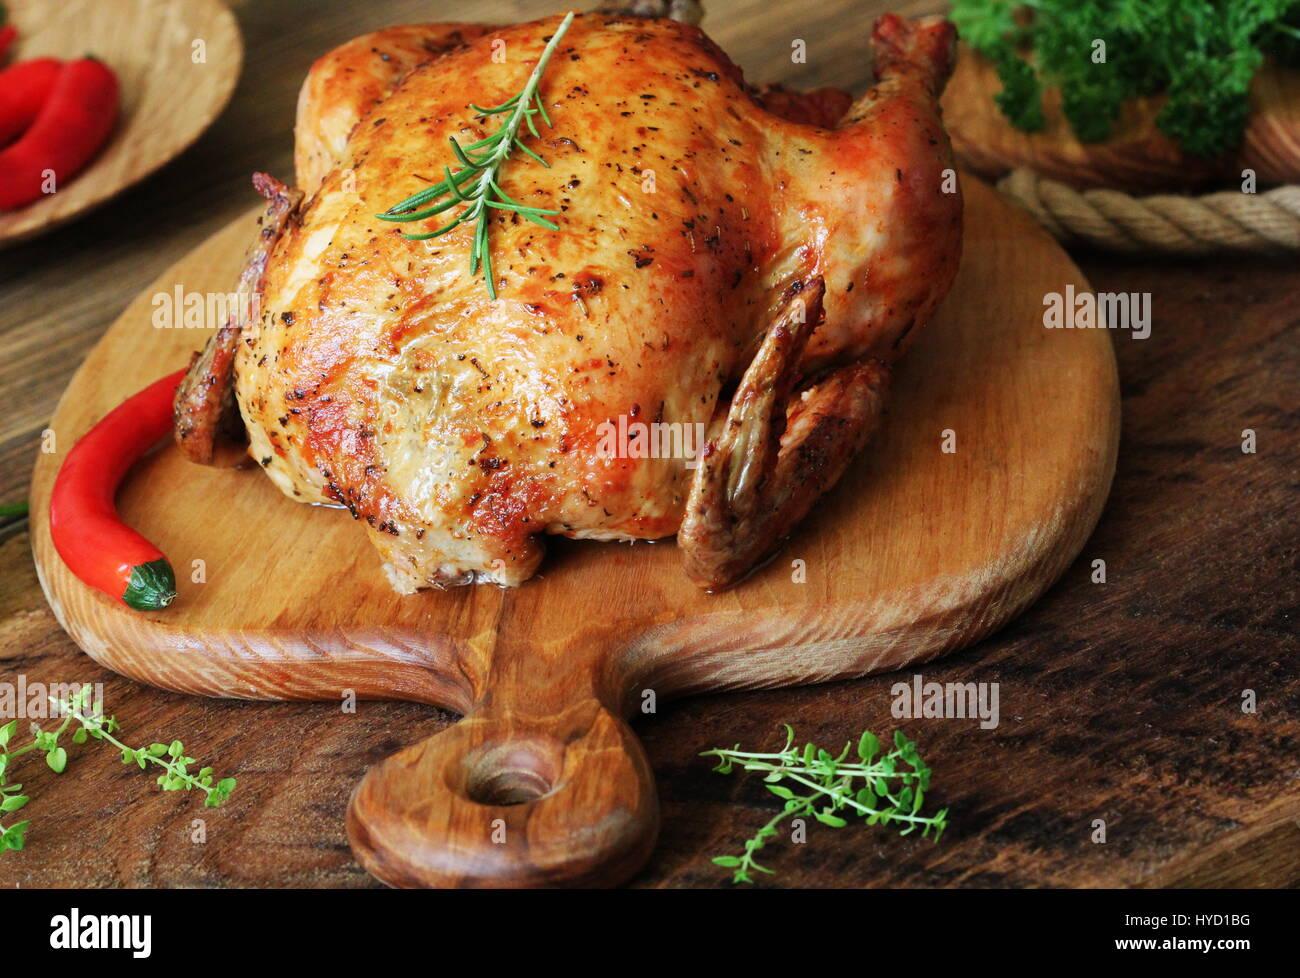 Poulet rôti entier sur une planche à découper Photo Stock